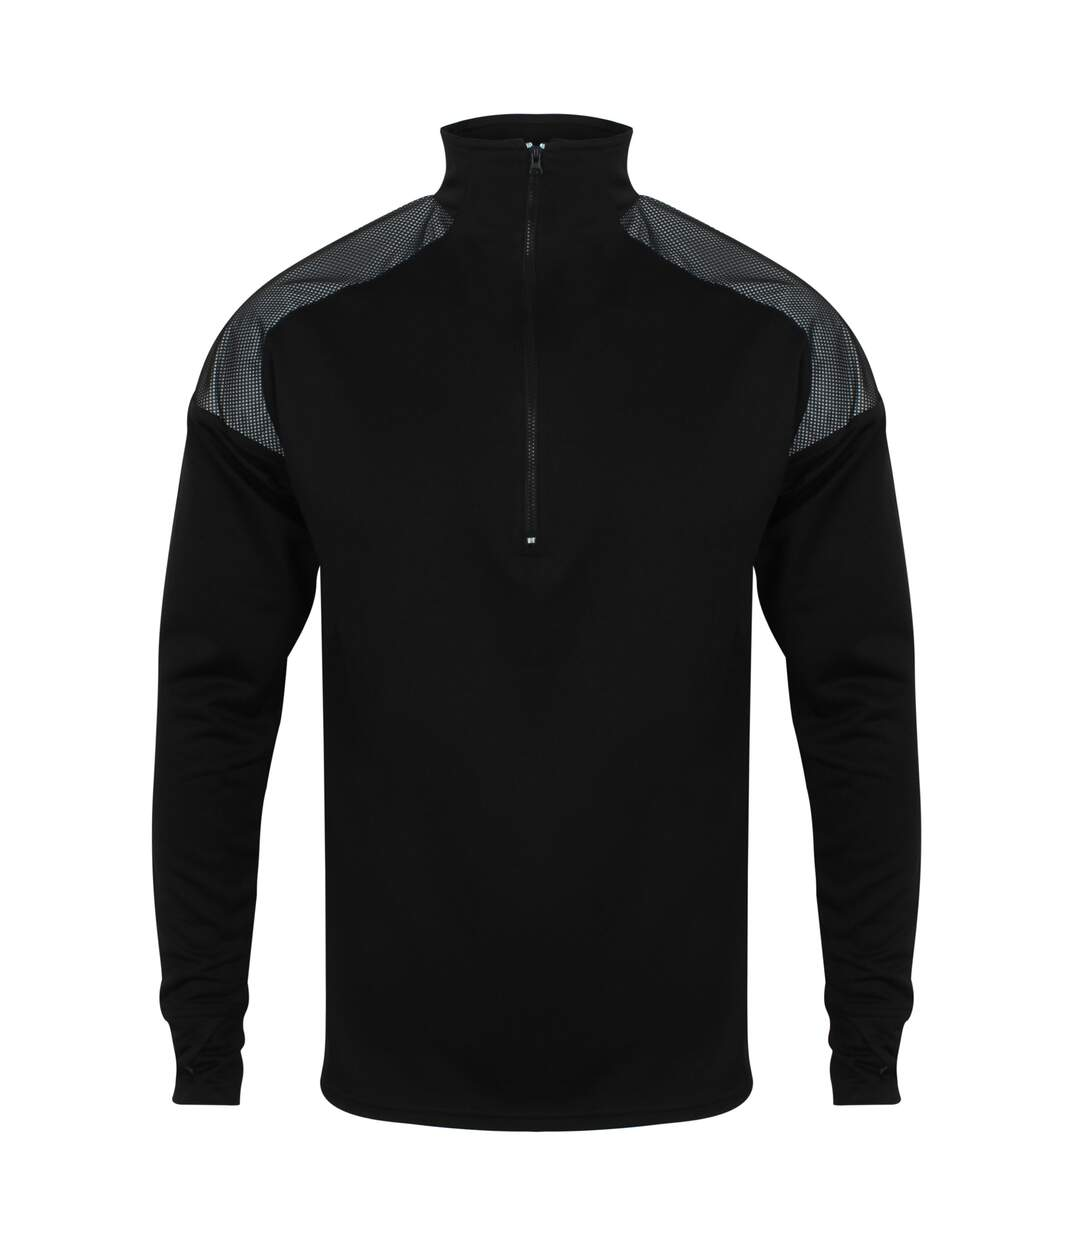 Tombo - Haut à motif réfléchissant et col zippé - Homme (Noir) - UTRW5469